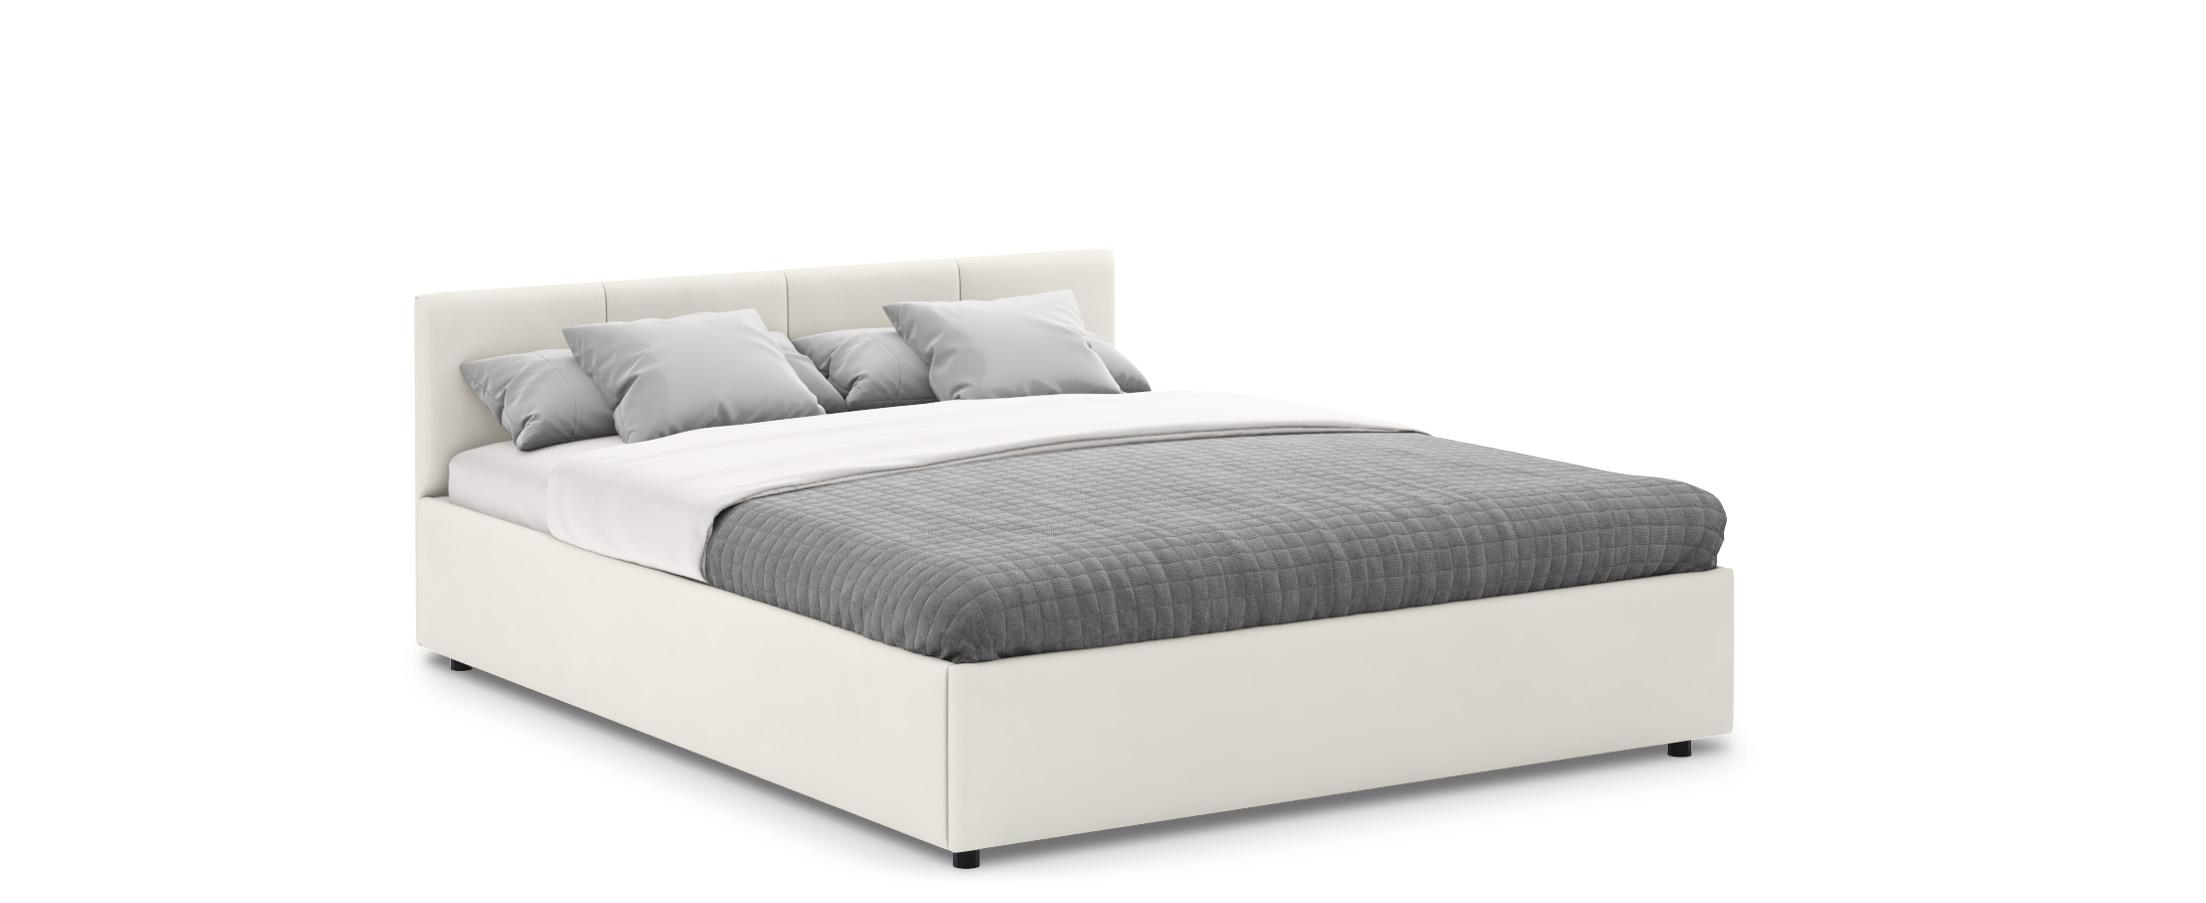 Кровать двуспальная Прима 160х200 Модель 1200Кровать Прима -  элегантное и практичное решение по доступной цене.  Продуманный до мелочей дизайн кровати прекрасно подойдет для любого интерьера.